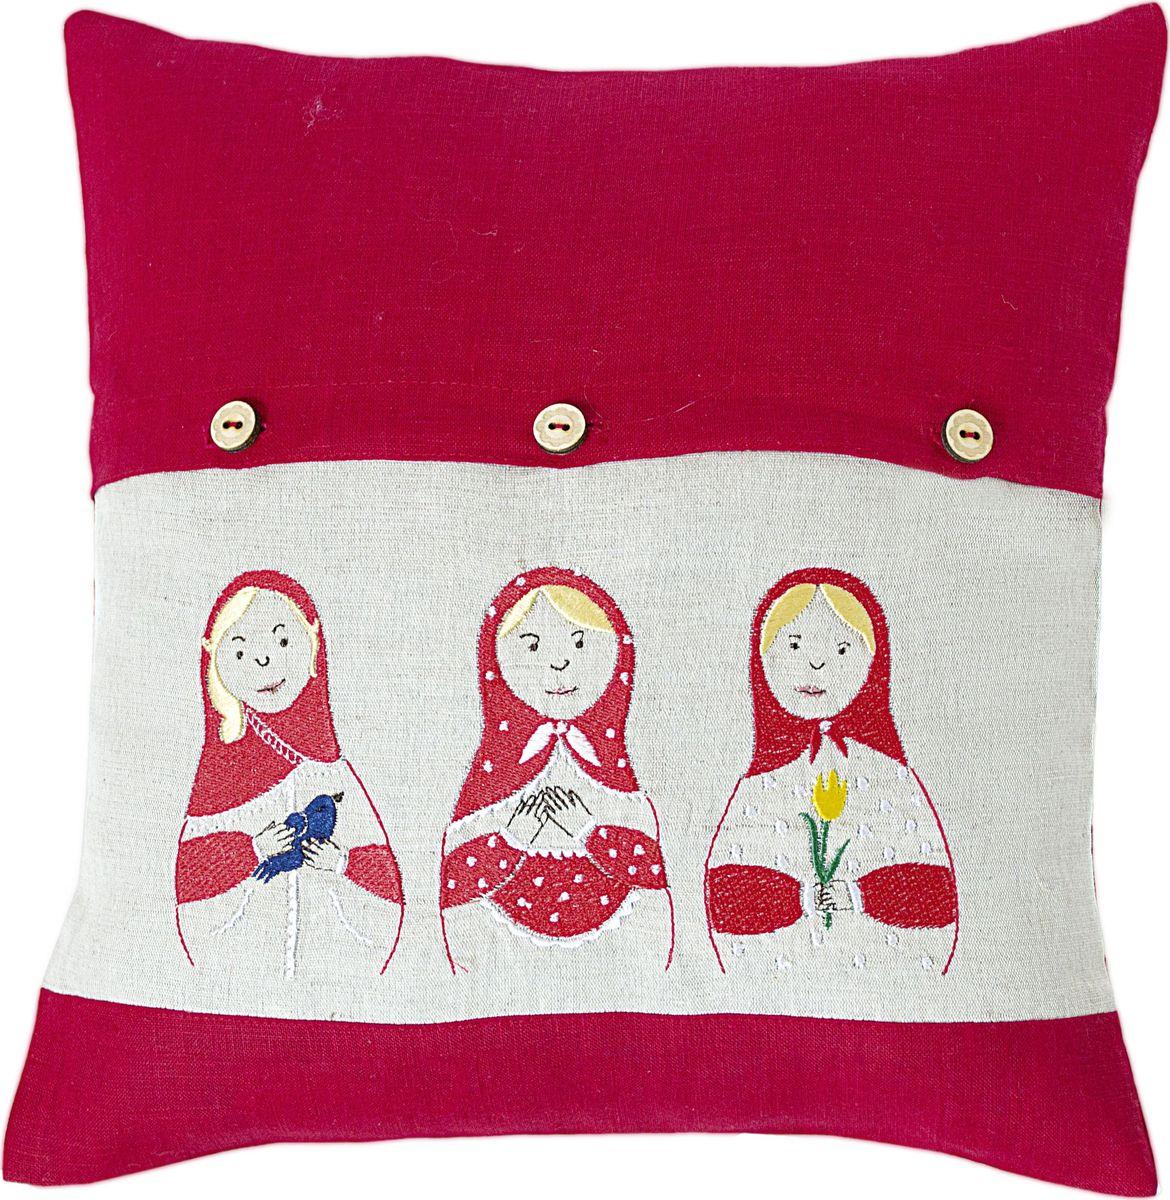 Наволочка декоративная Арт-студия Решетняк Три матрешки, цвет: красный, 45 x 45 см арт студия решетняк мягкая кукла домовой 52 см